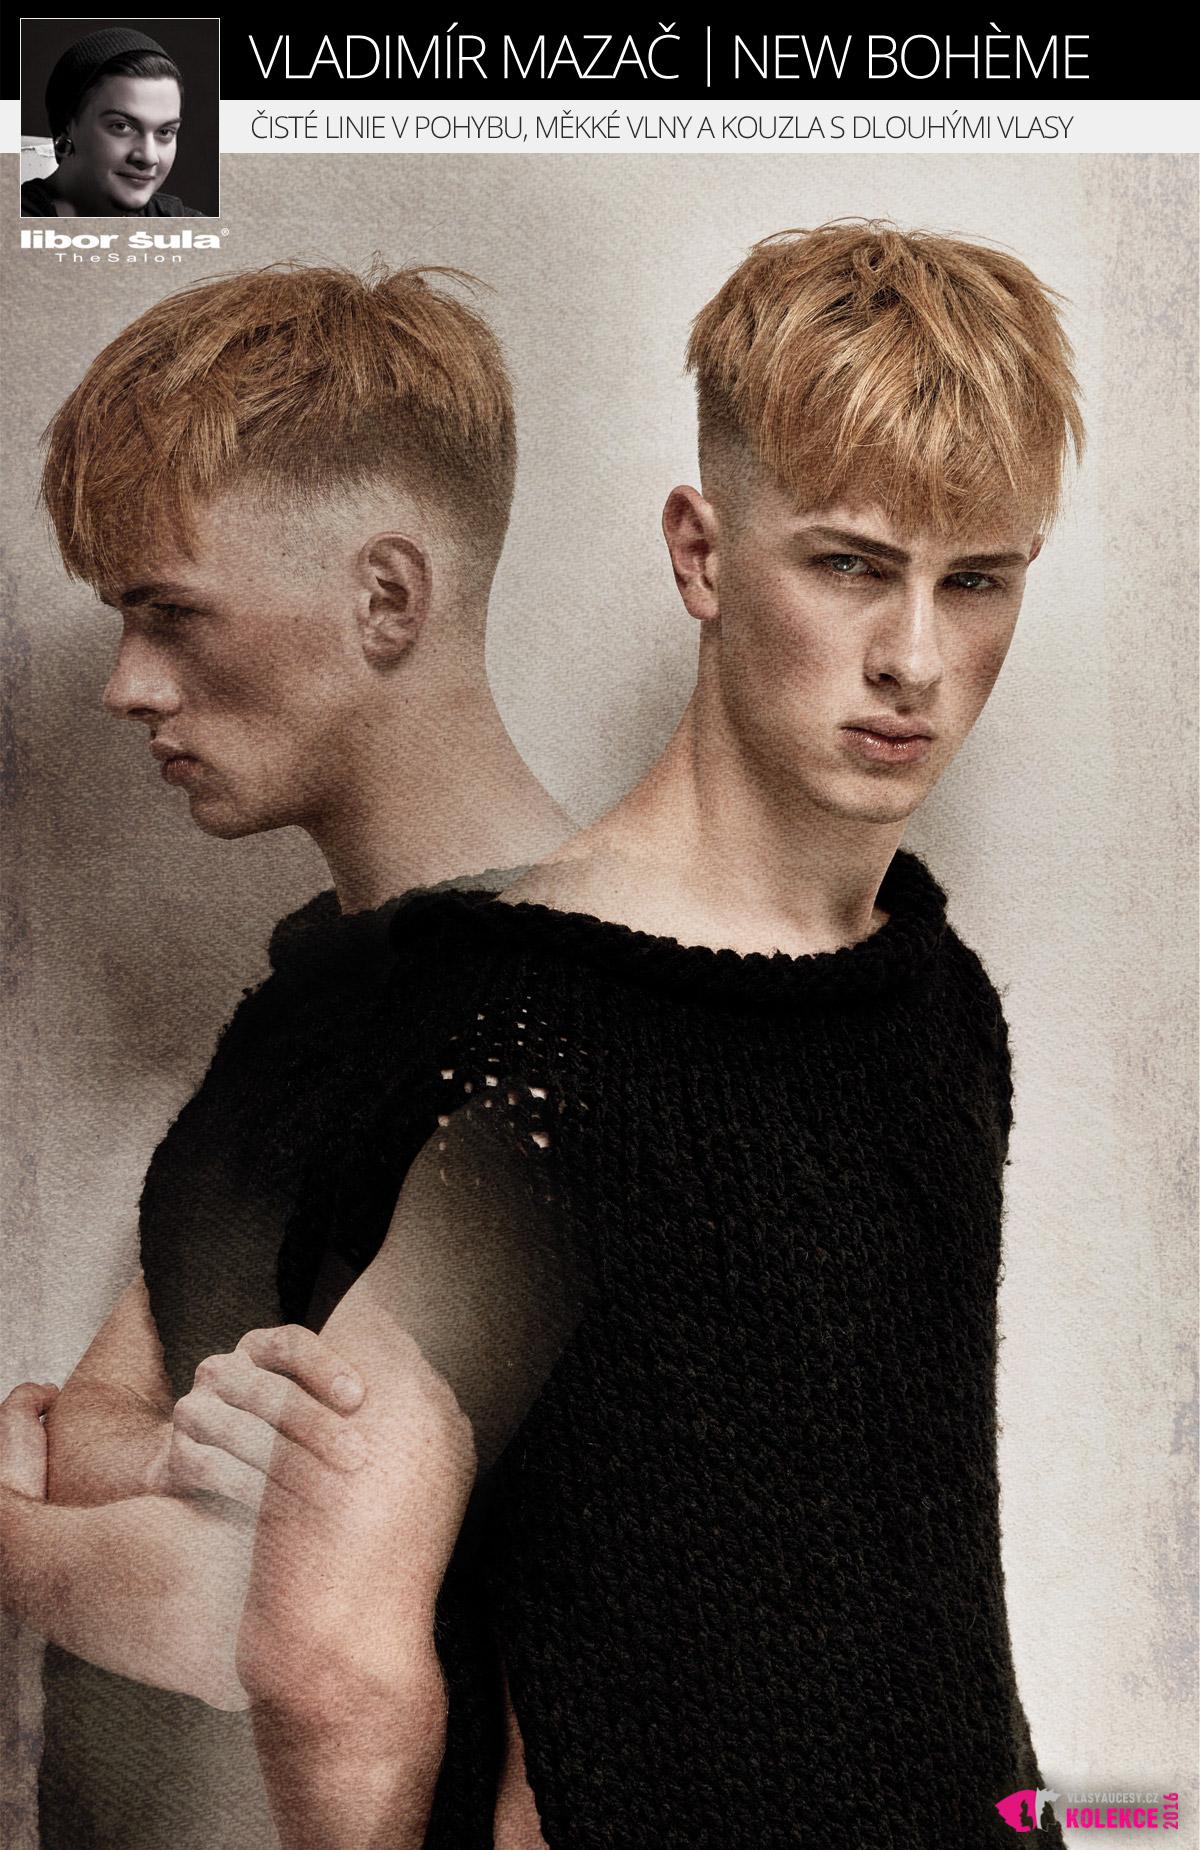 Krátké pánské vlasy: Libor Šula The Salon – NEW BOHÈME.